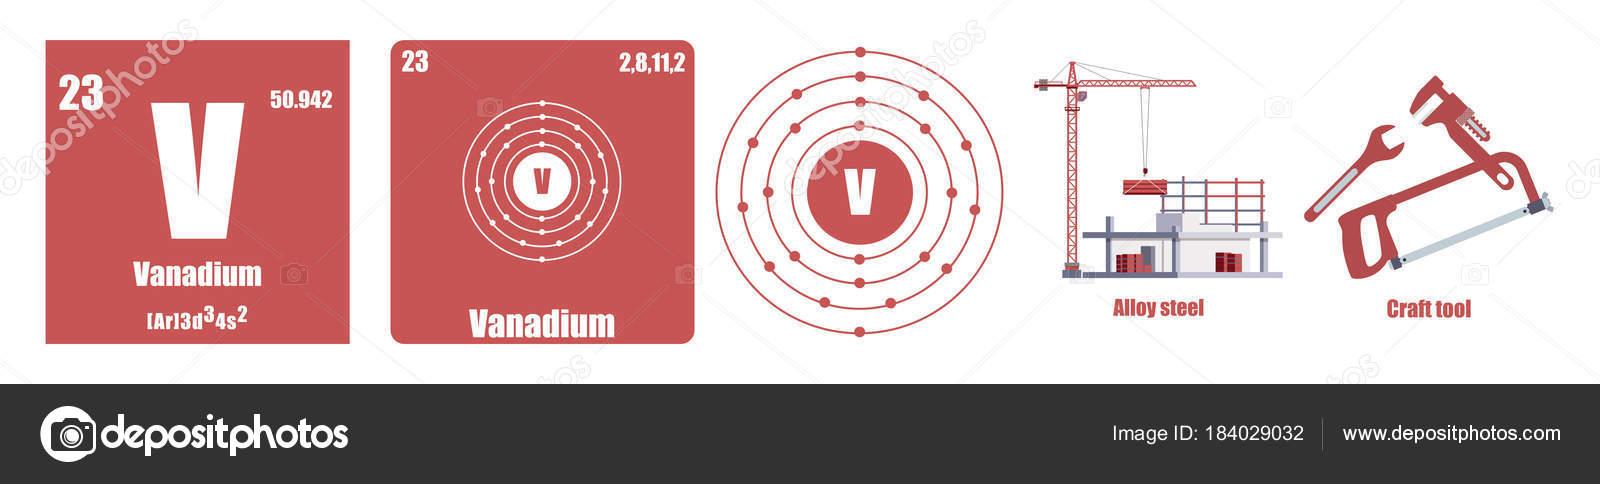 Tabla periodica de los elemento de transicin metales vanadio tabla periodica de los elemento de transicin metales vanadio vector de stock urtaz Image collections